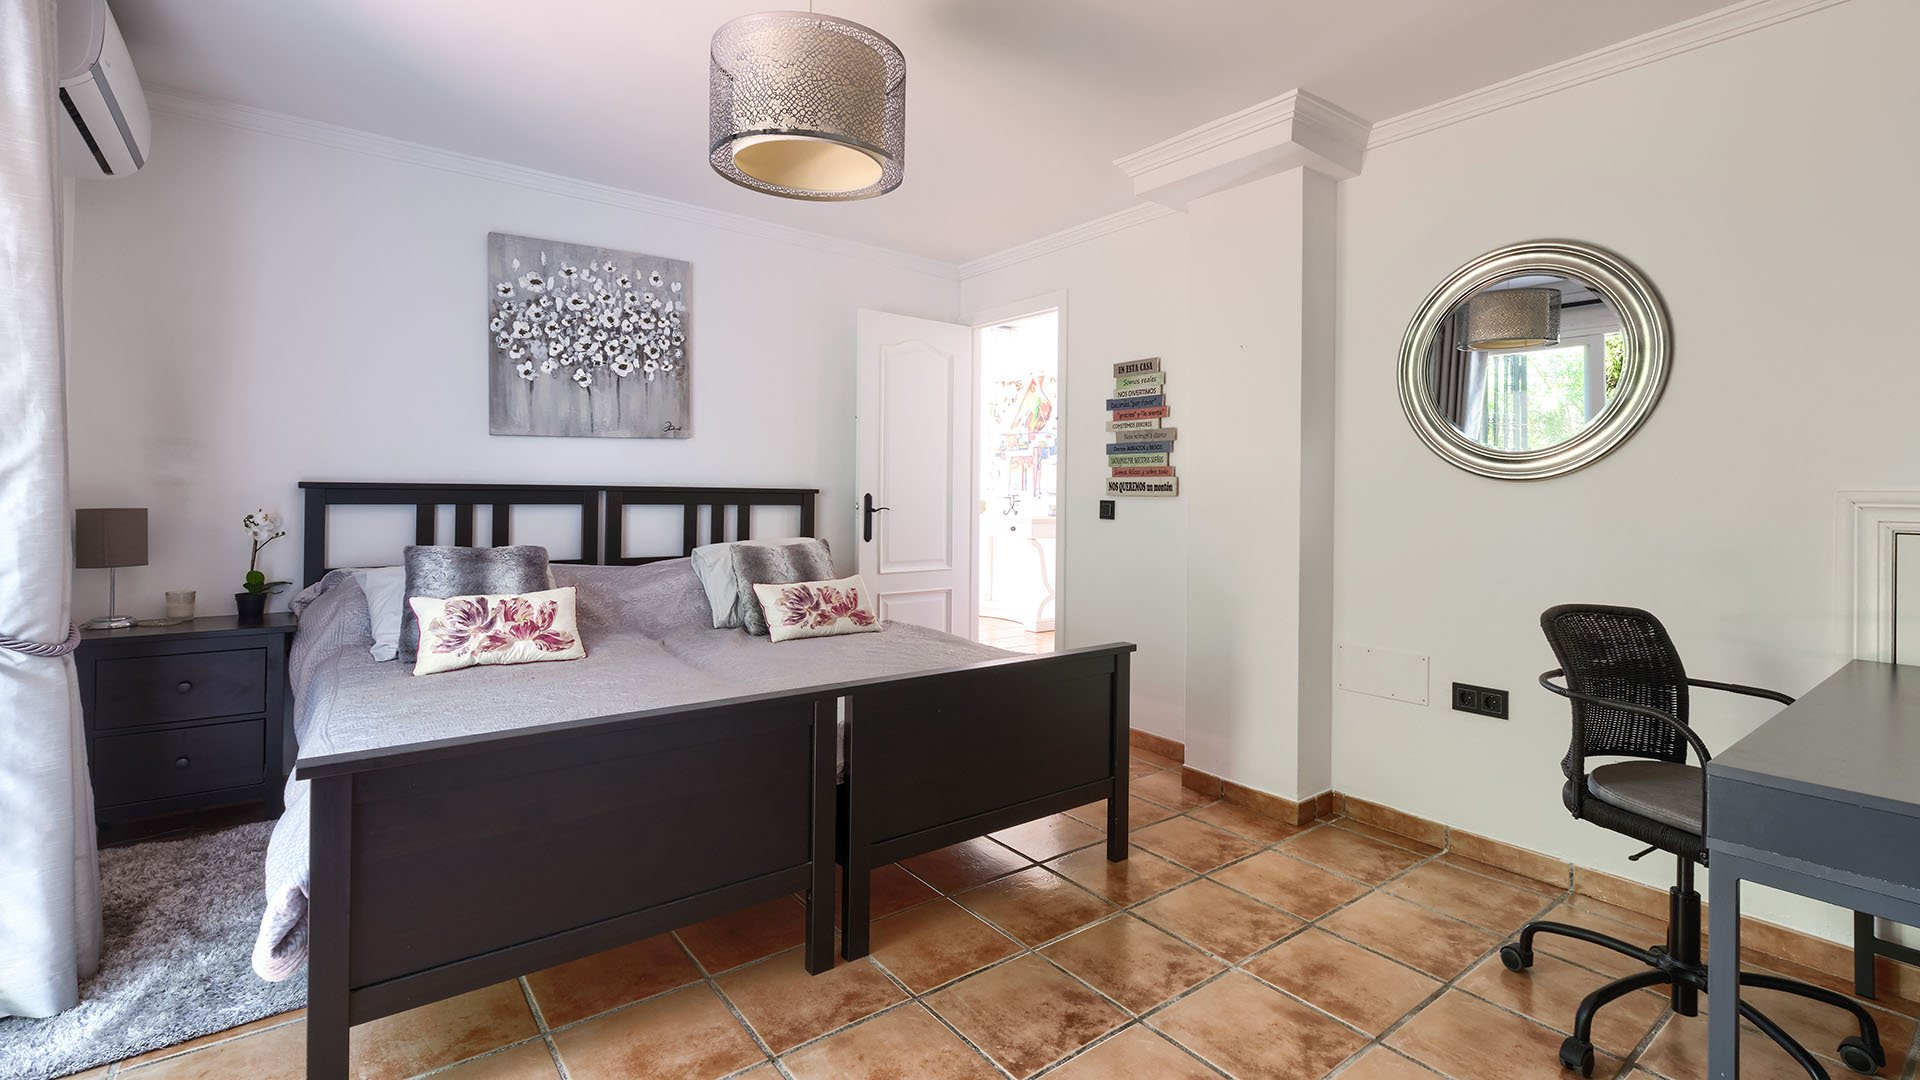 Casa Carlota: Charming villa at 10 minutes from Marbella center